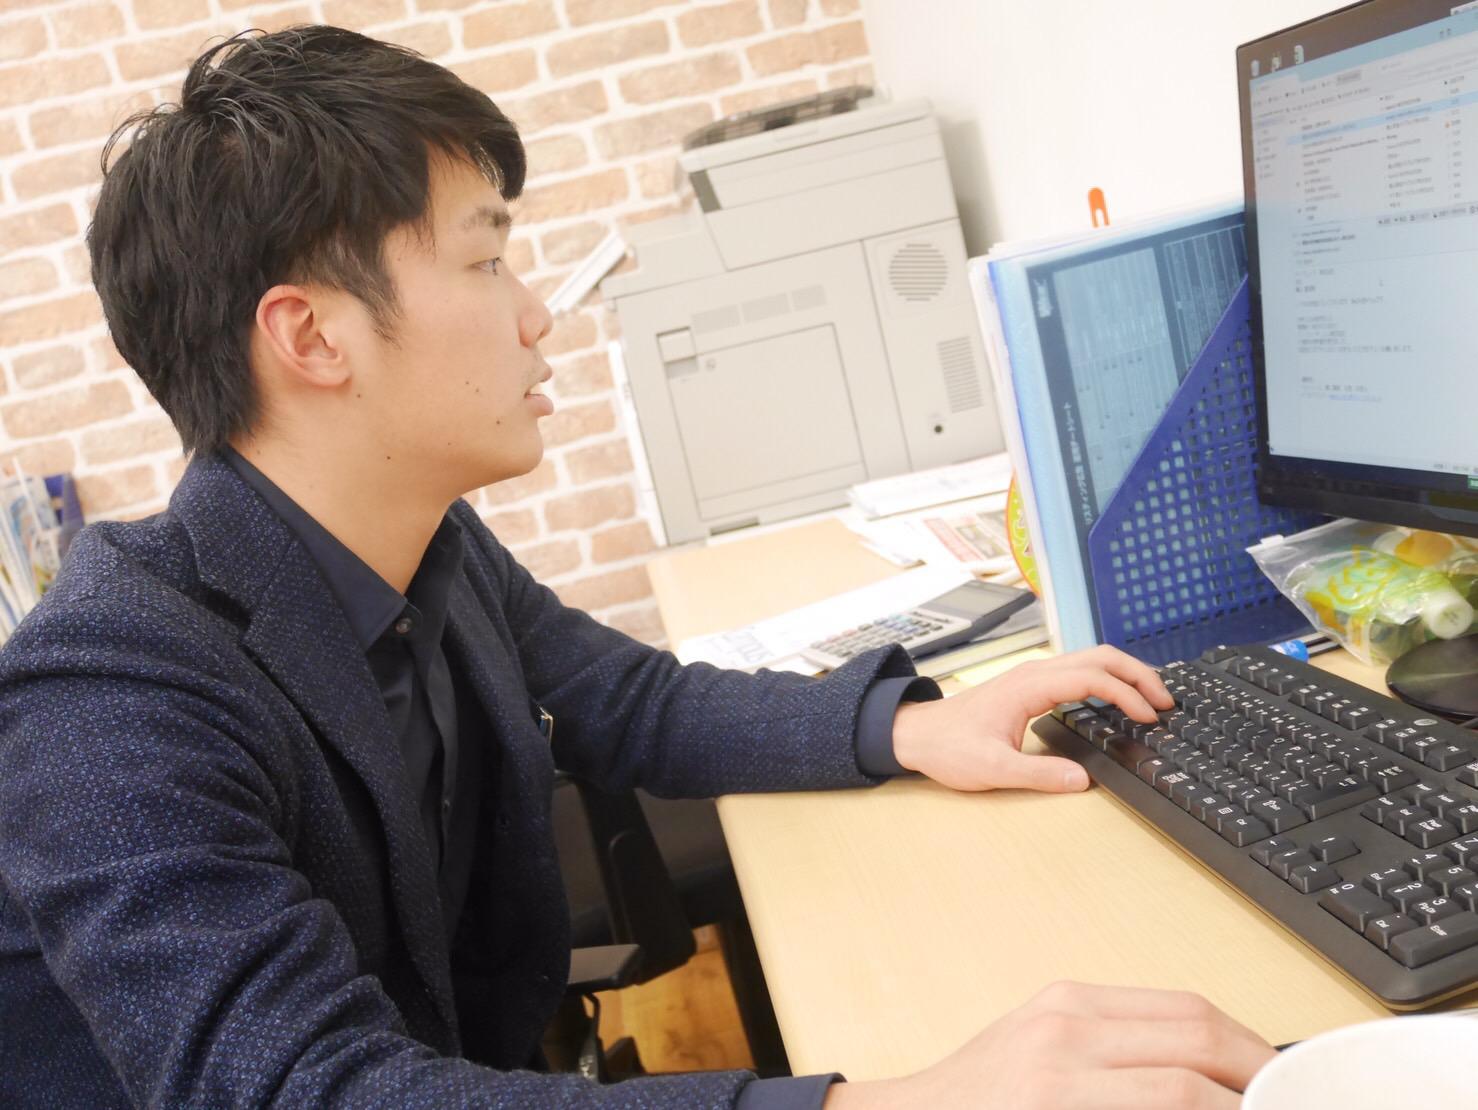 フリーターだった留年慶應生が、急速冷凍コンサルタントになった理由